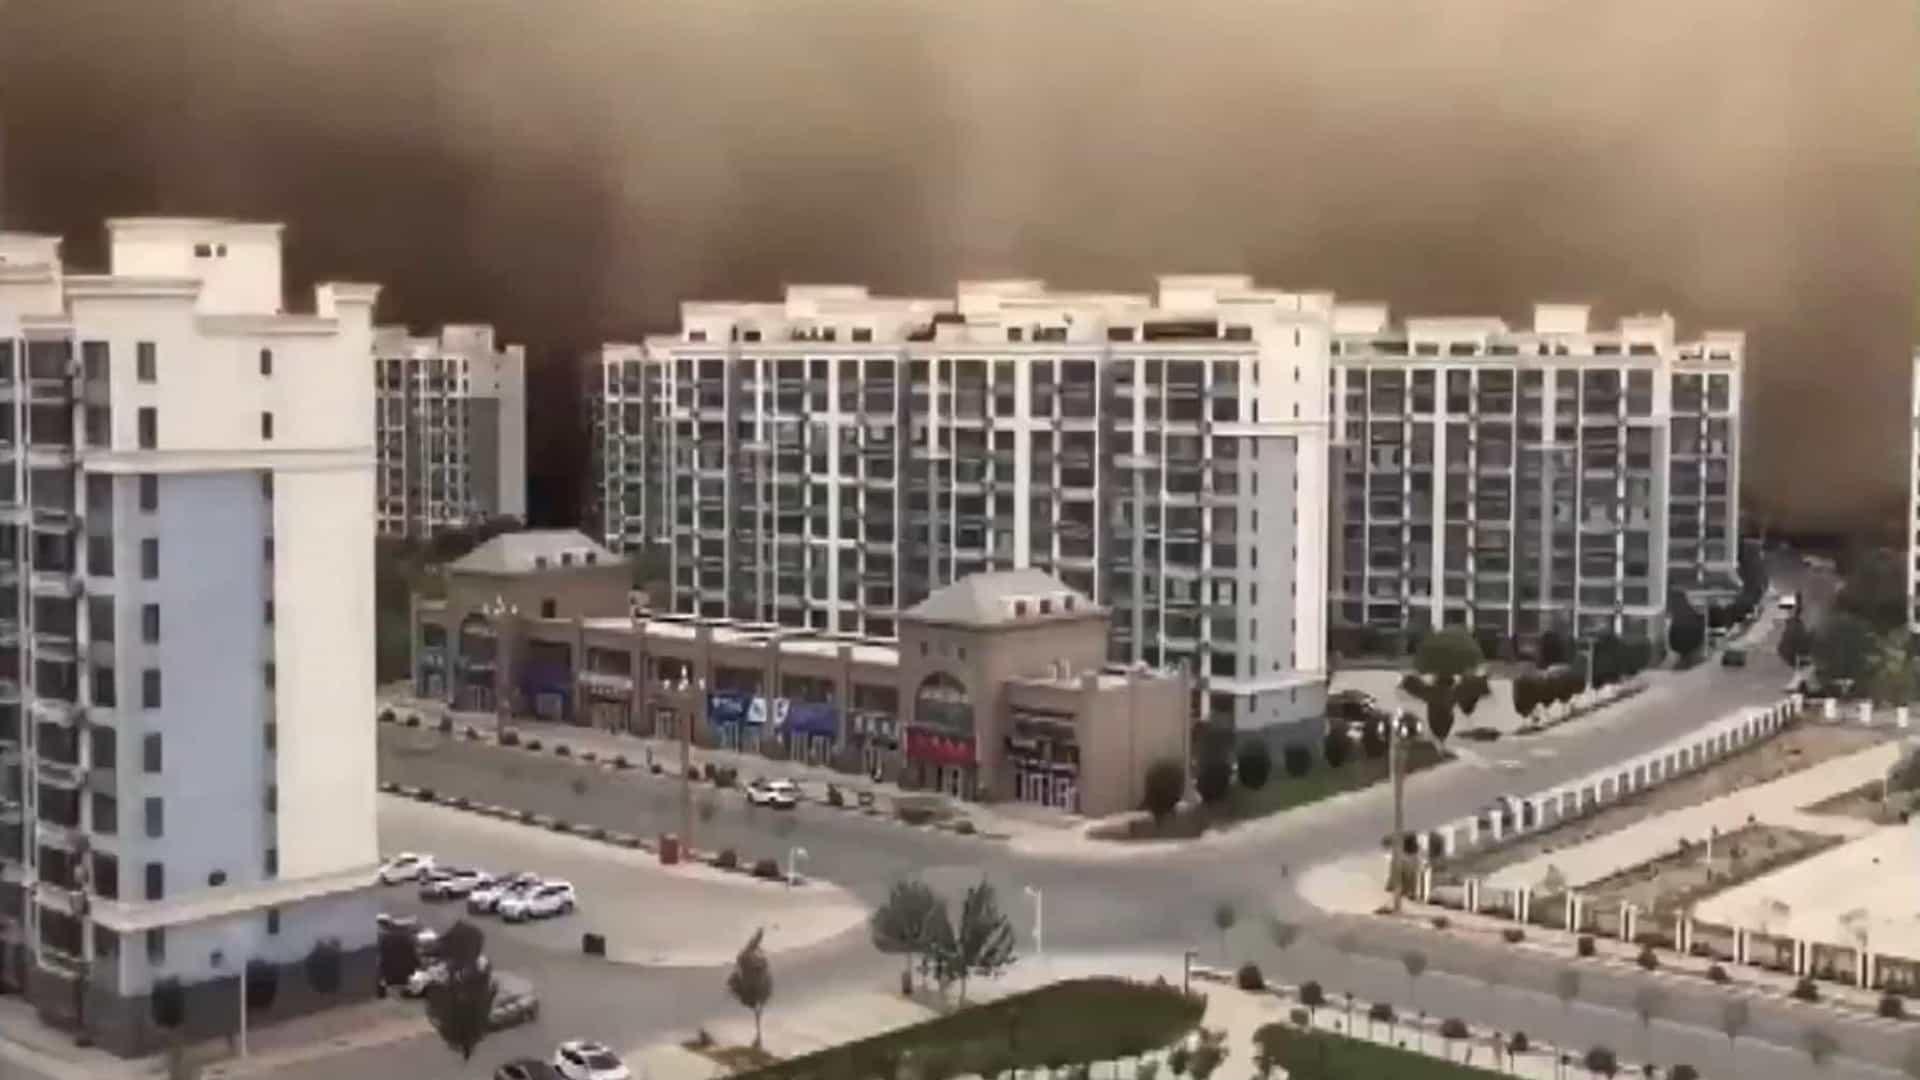 Tempestade de areia 'engoliu' cidade chinesa